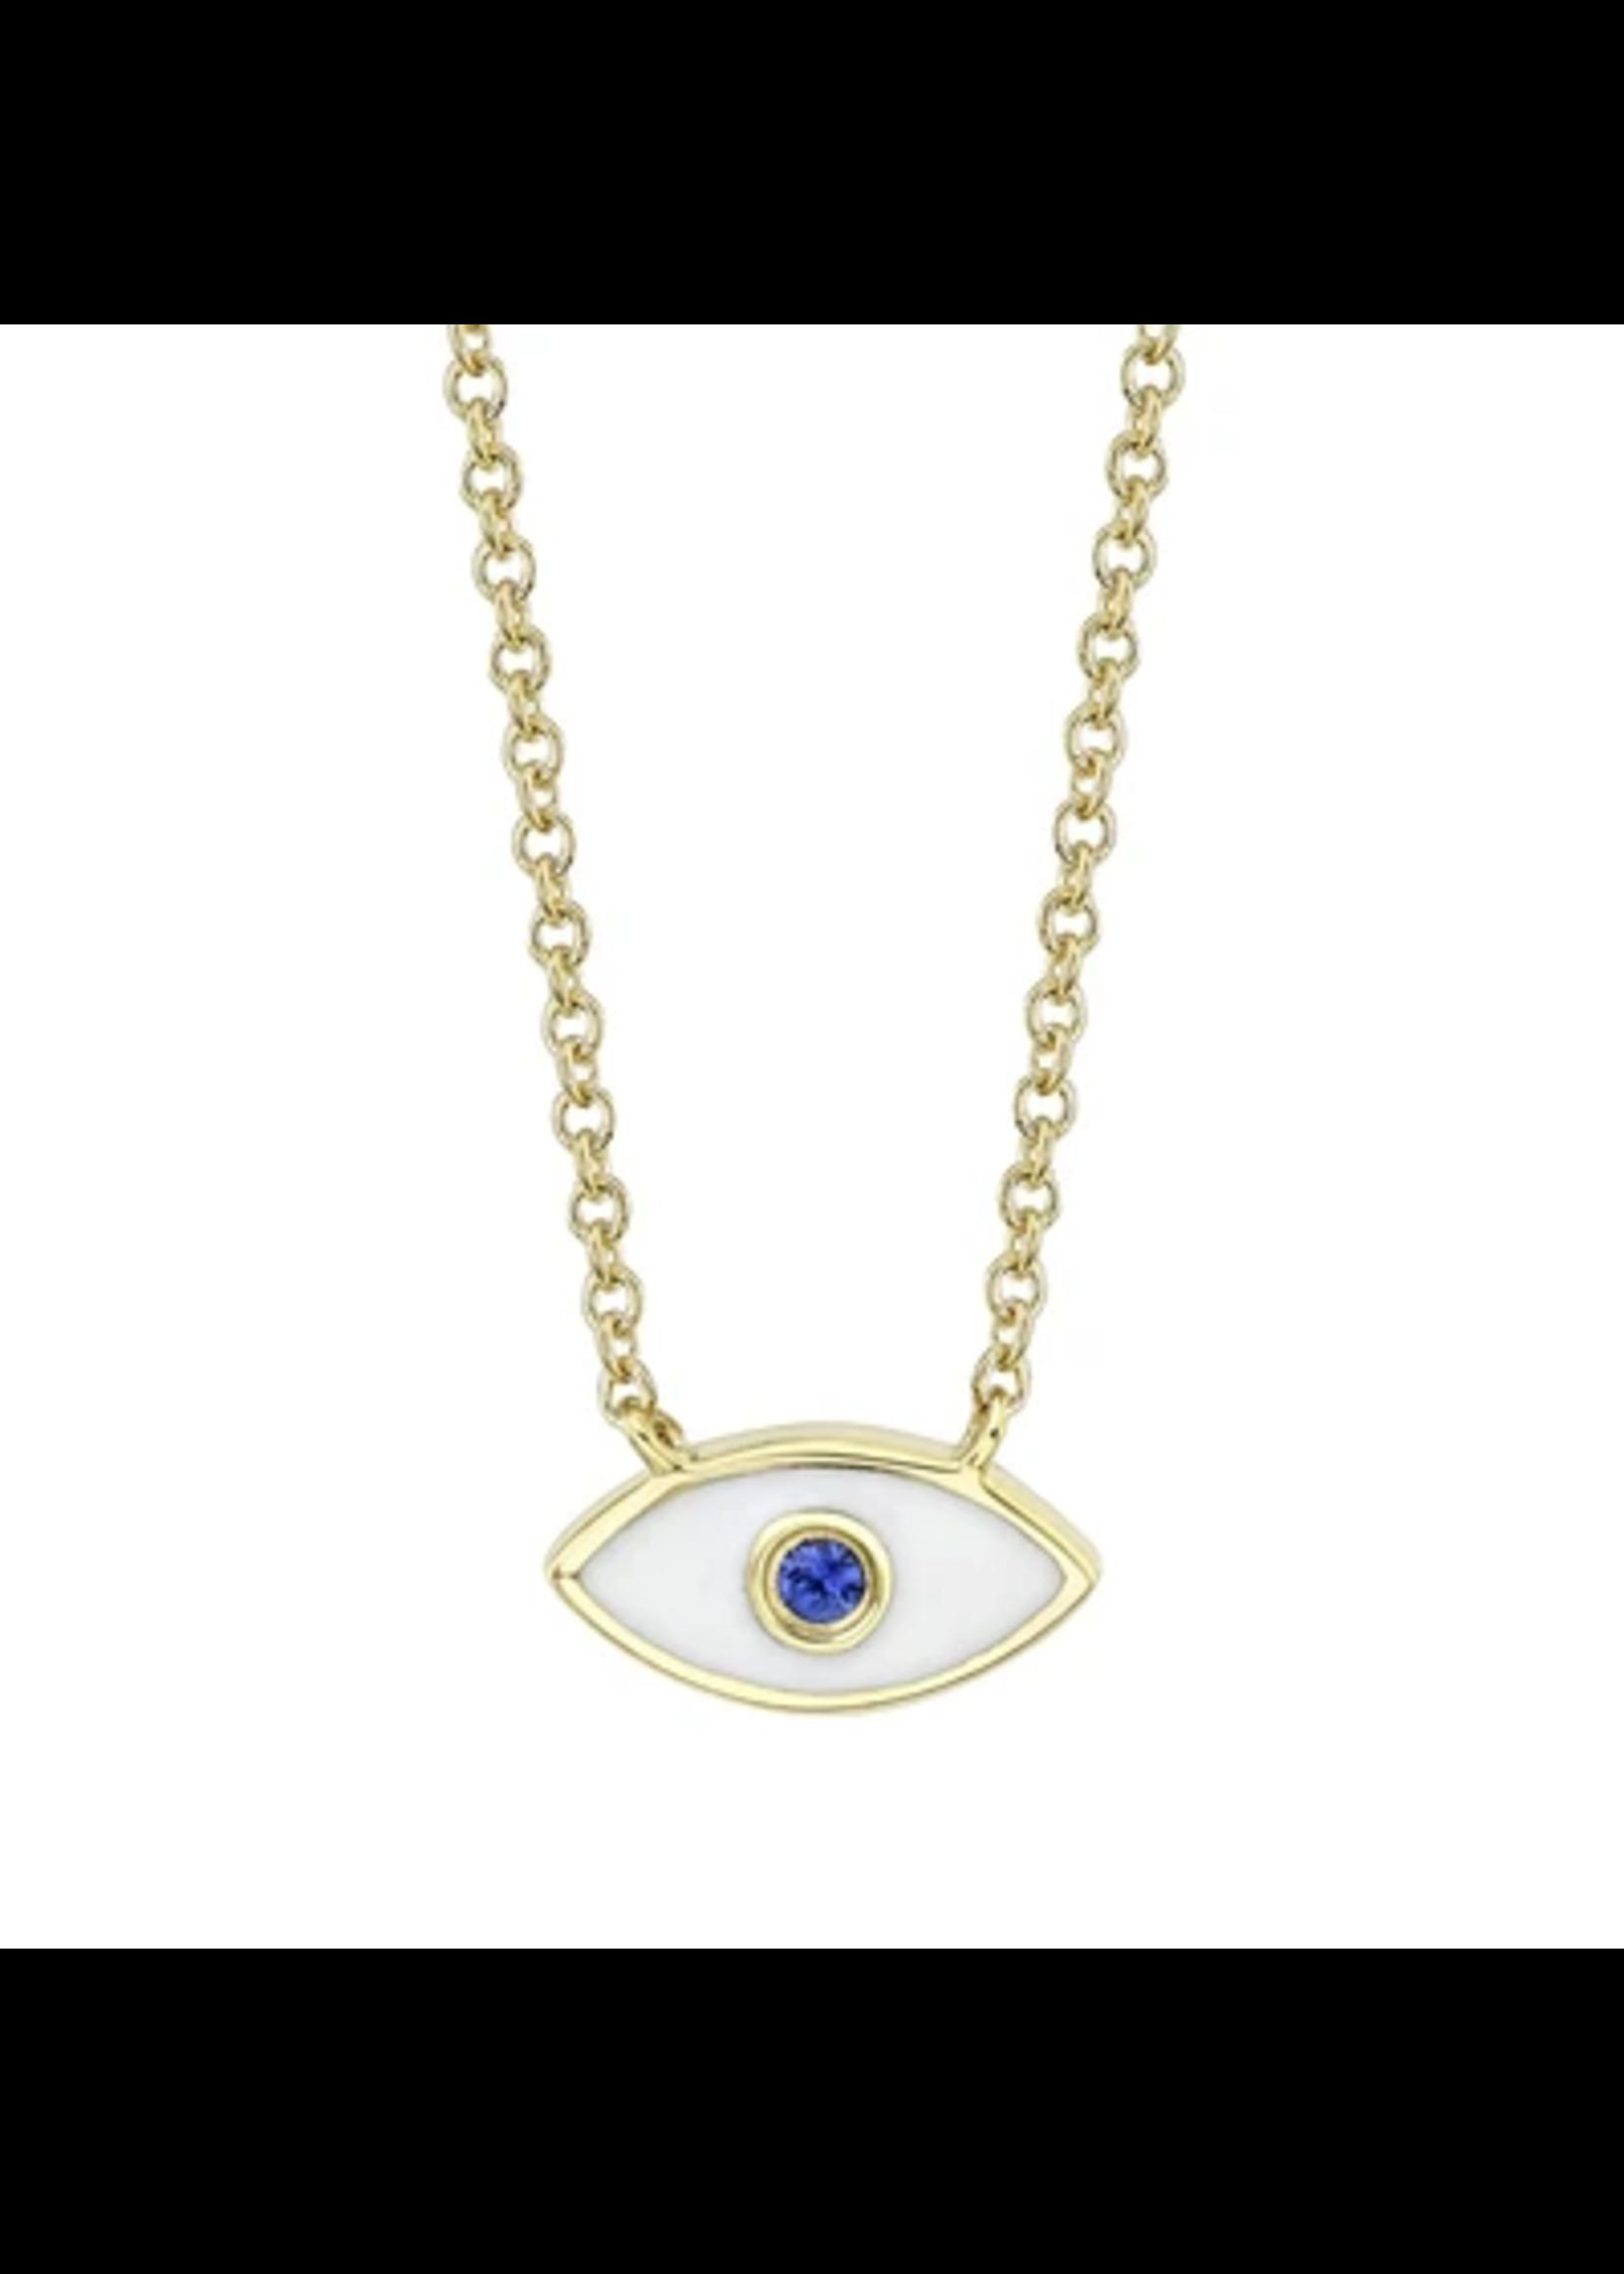 Jill Alberts Blue Sapphire & White Enamel Eye Necklace